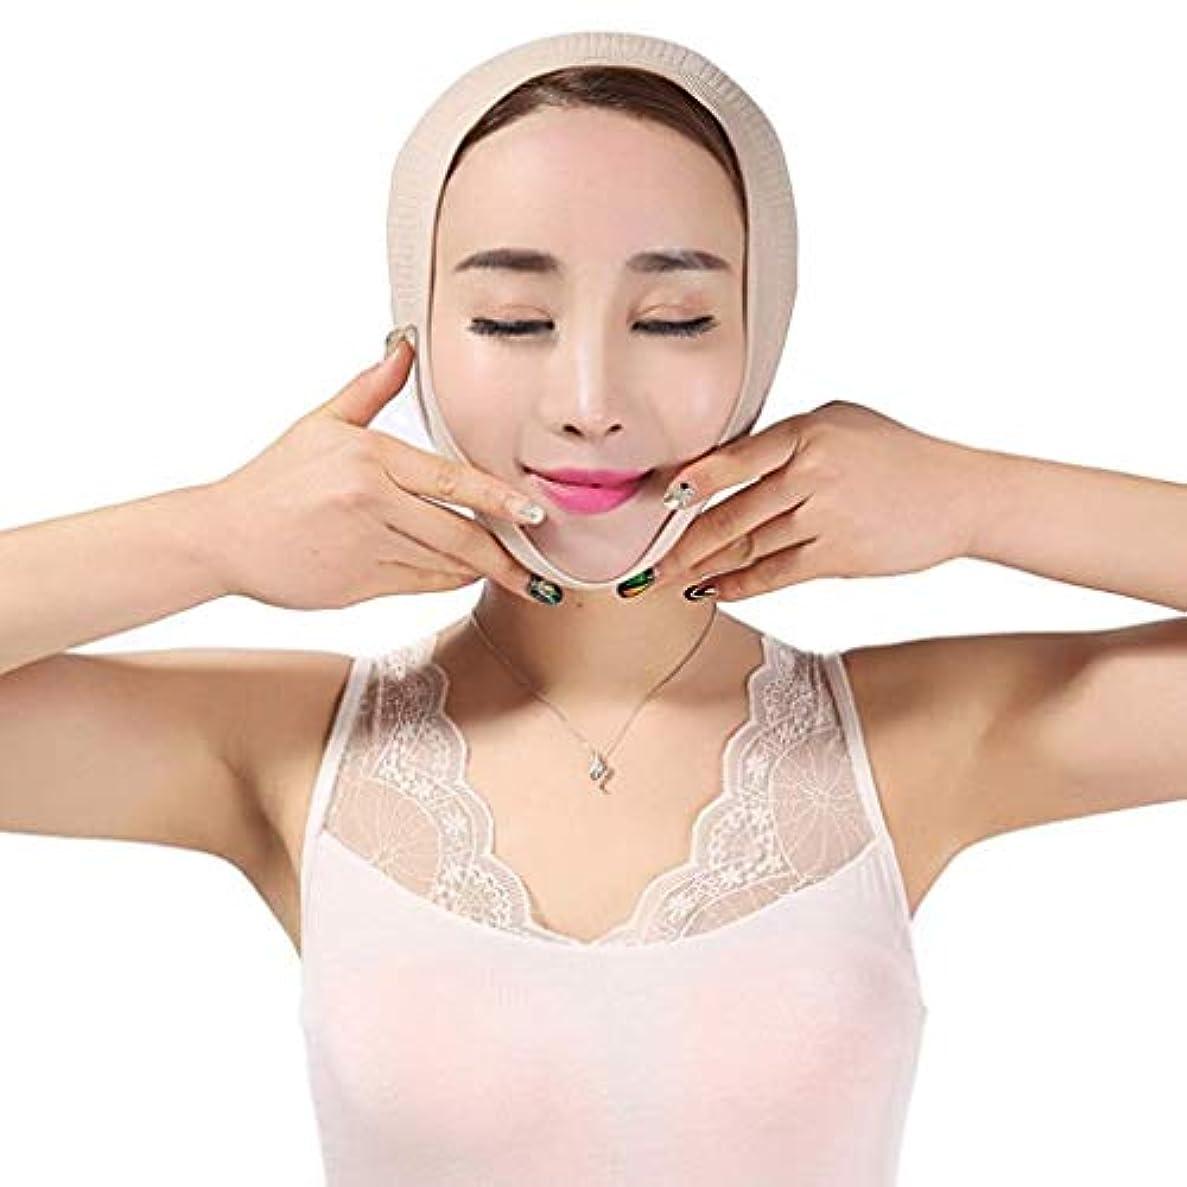 眠り見分けるワーカーVフェイスラインベルトチンチークスリムリフトアップアンチリンクルマスク超薄型ストラップバンドVフェイスラインベルトストラップバンド通気性